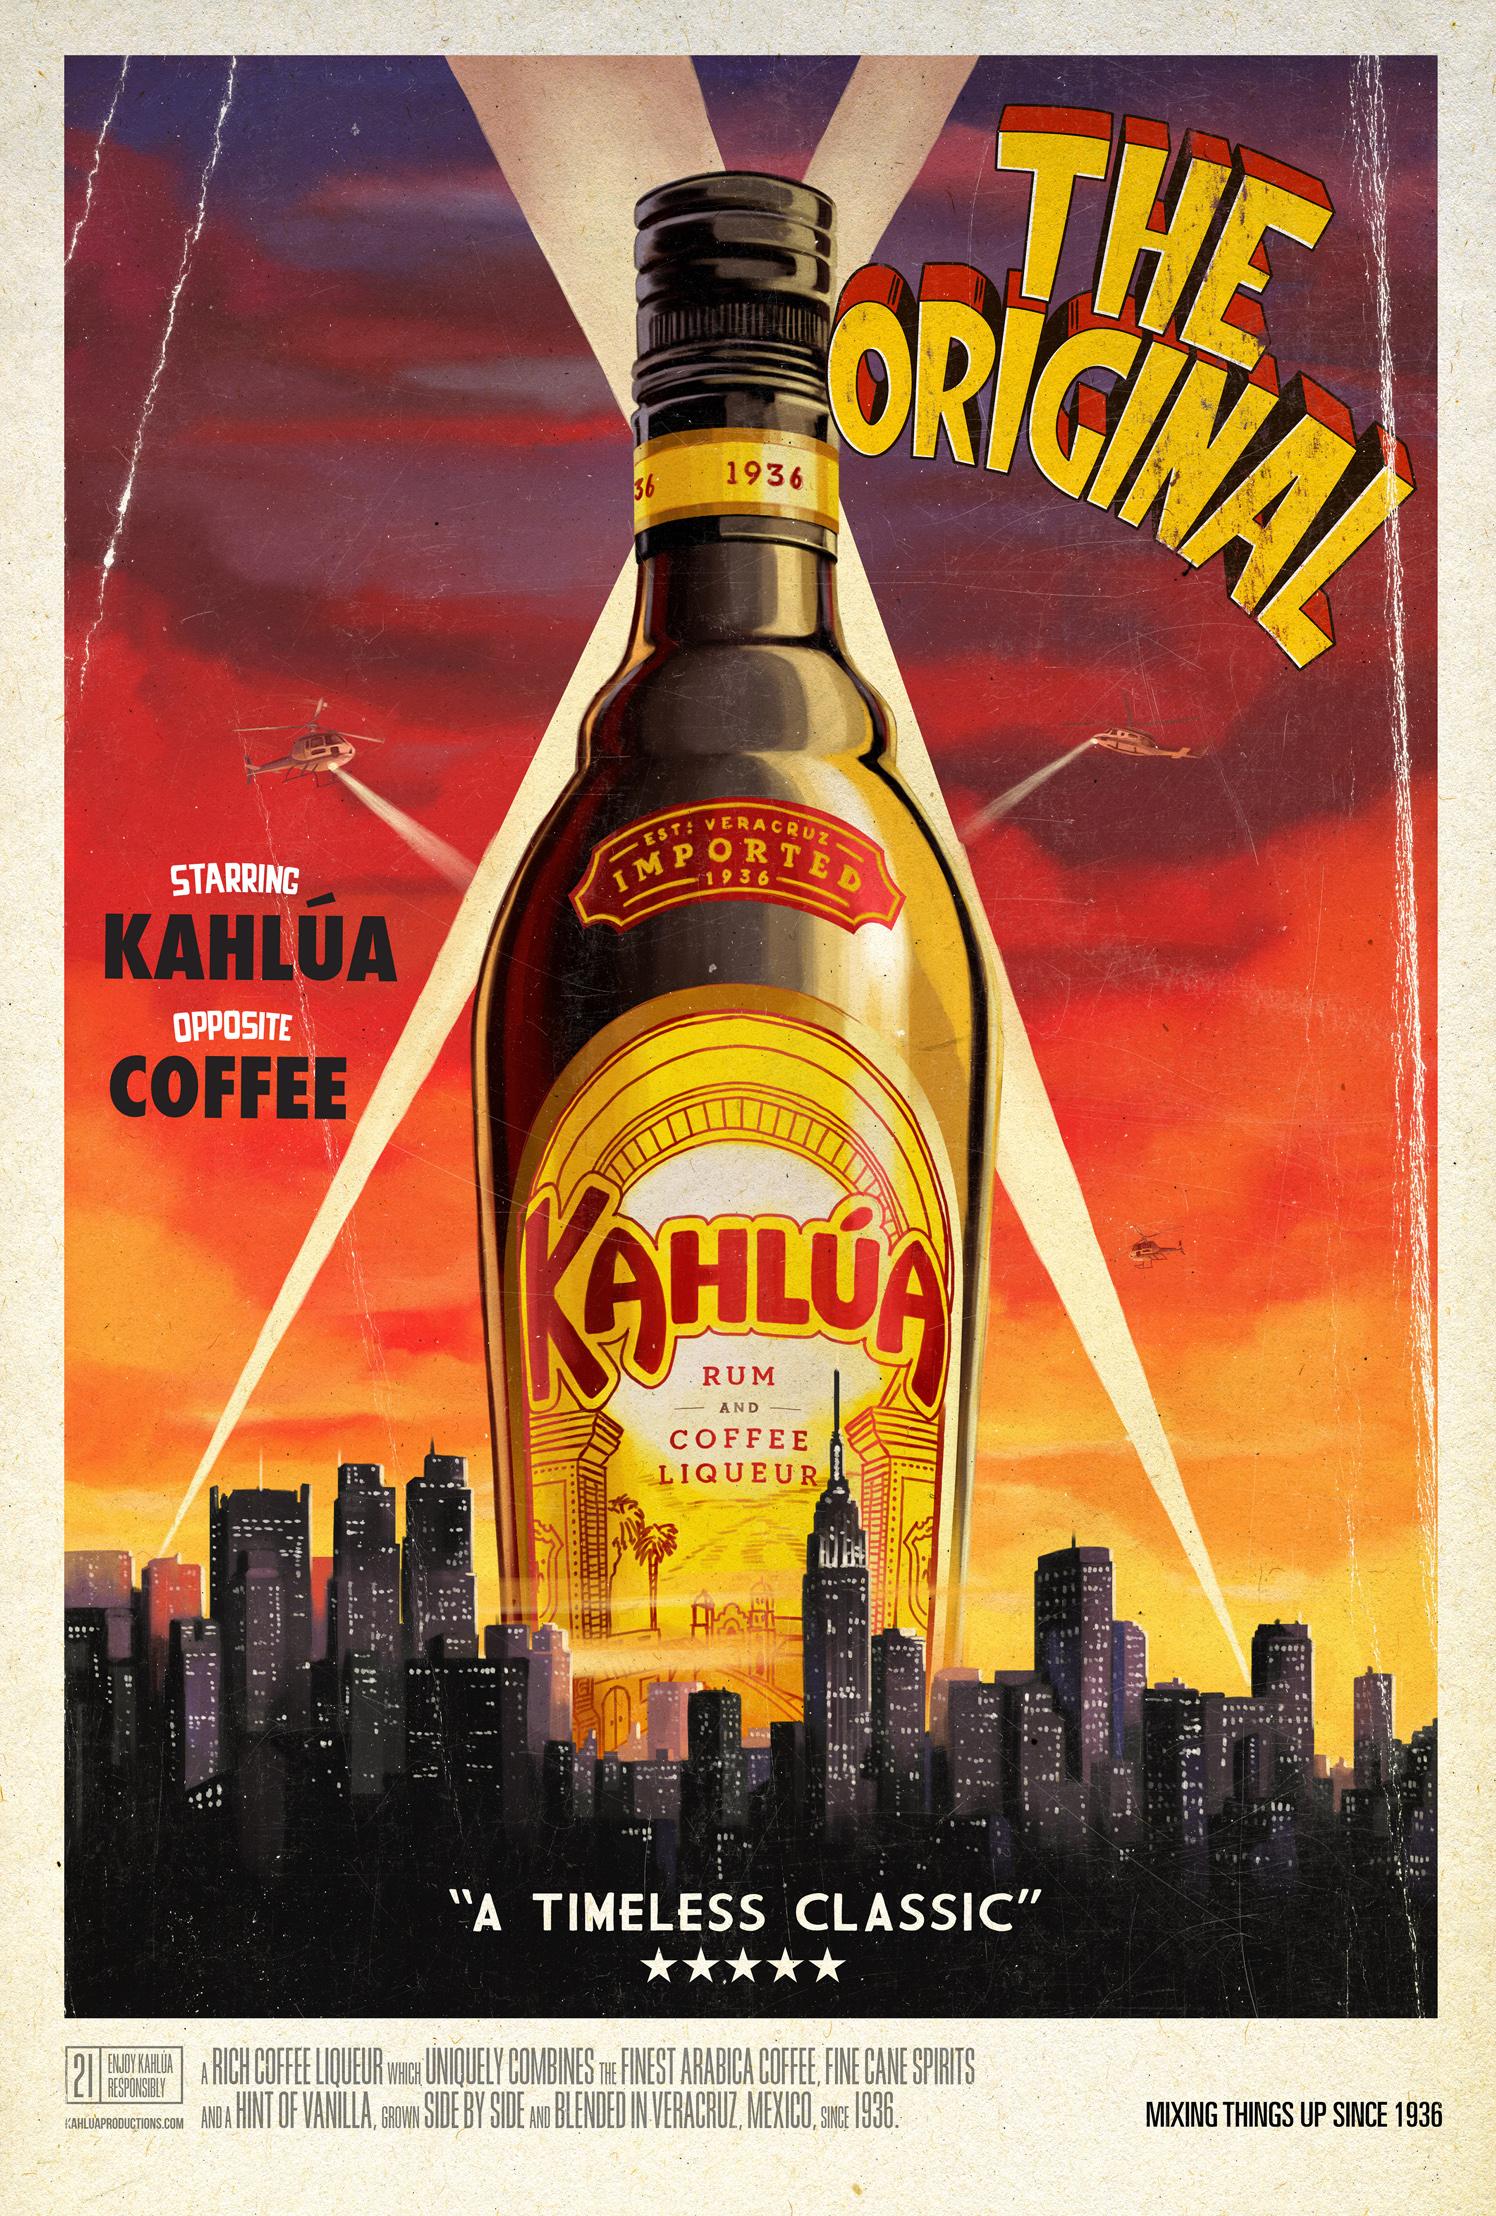 The Original / Kahlua